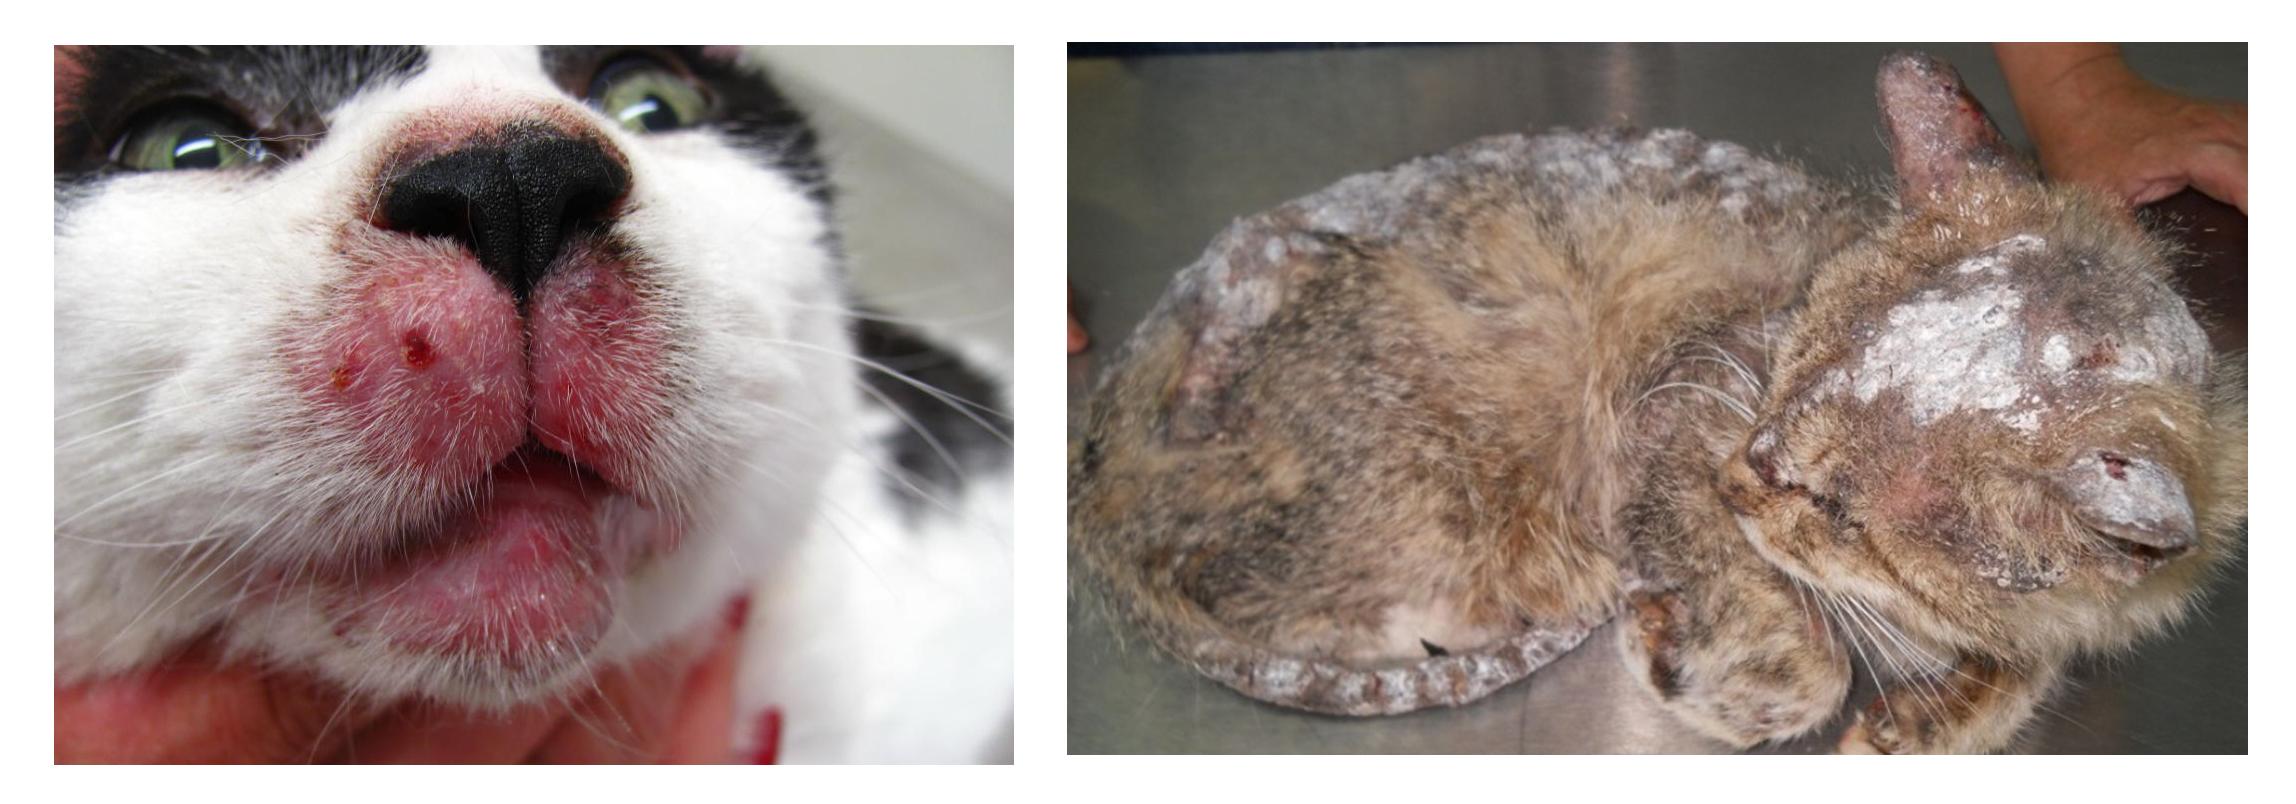 Короста: симптоми у людей і тварин, фото, діагностика, лікування та профілактика